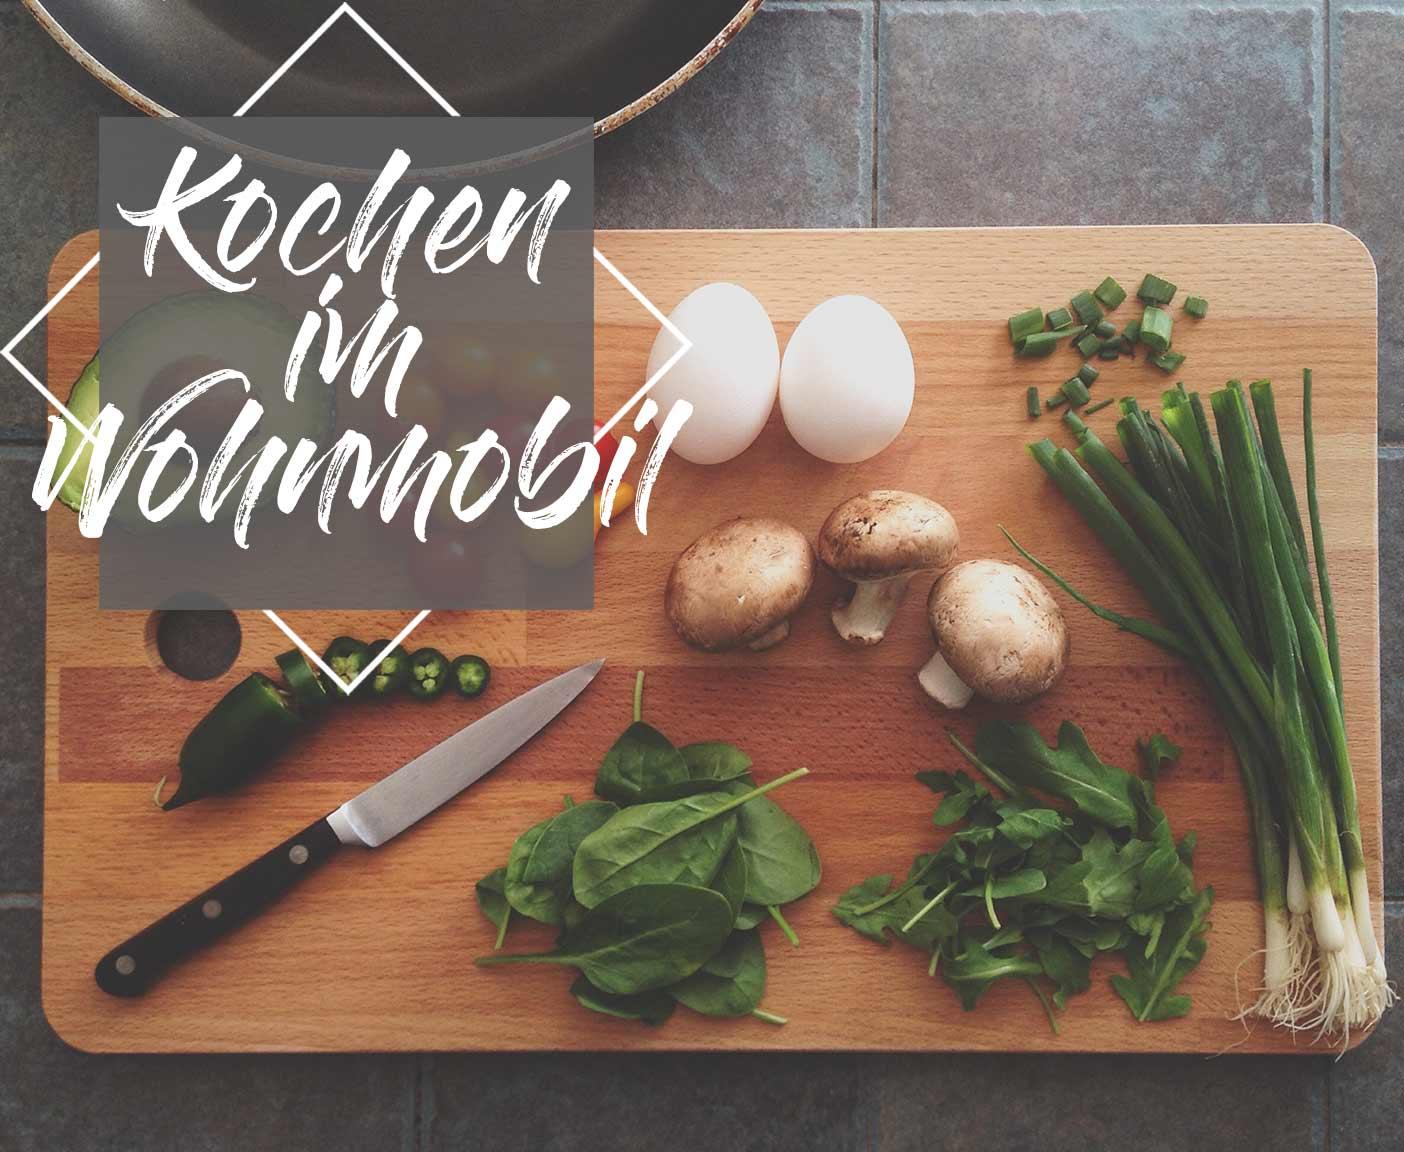 kochen-wohnmobil-einkochen-campingkÅche-gemÅse-einkochen-camping